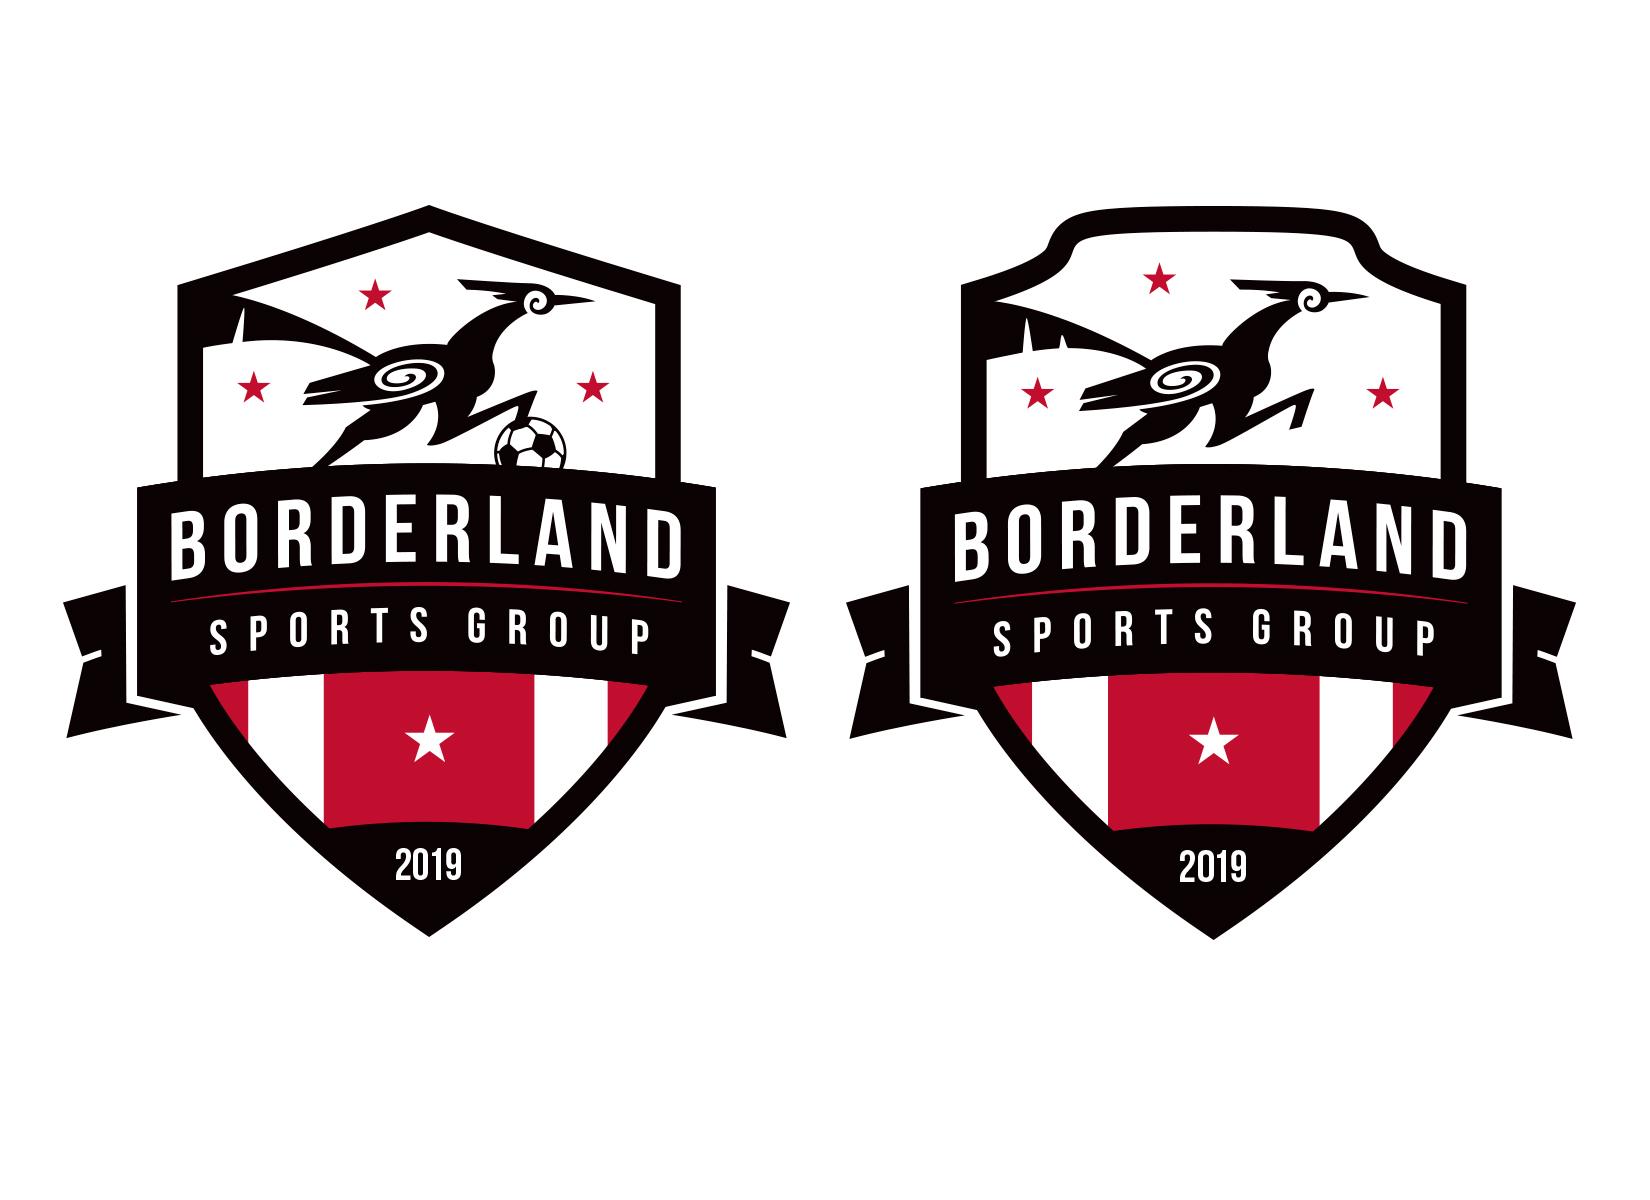 borderland-soccer-crest-designs-by-jordan-fretz-4.jpg